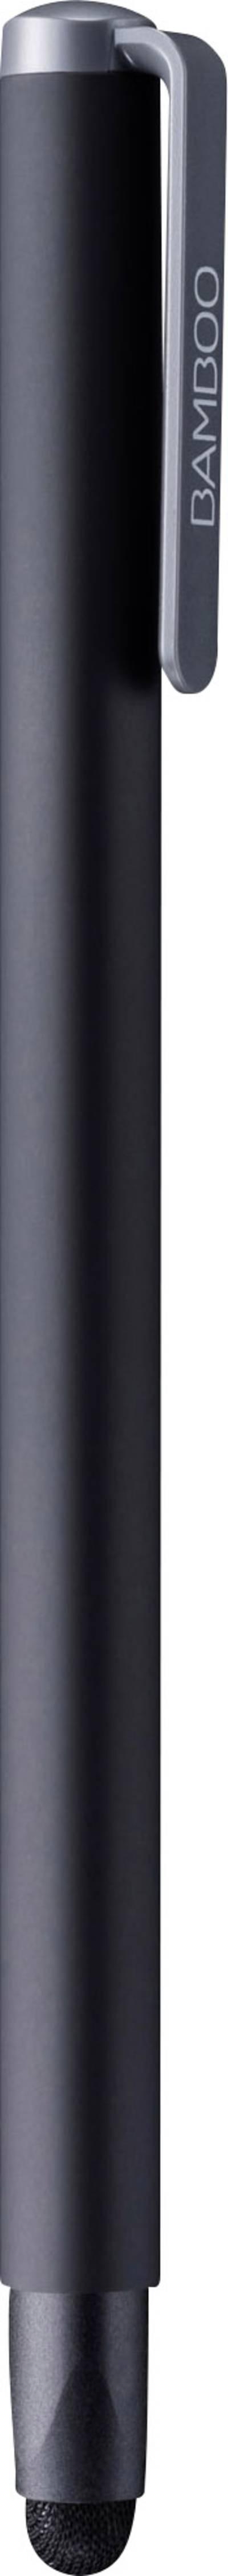 Image of Wacom Bamboo Stylus Solo 4, Black